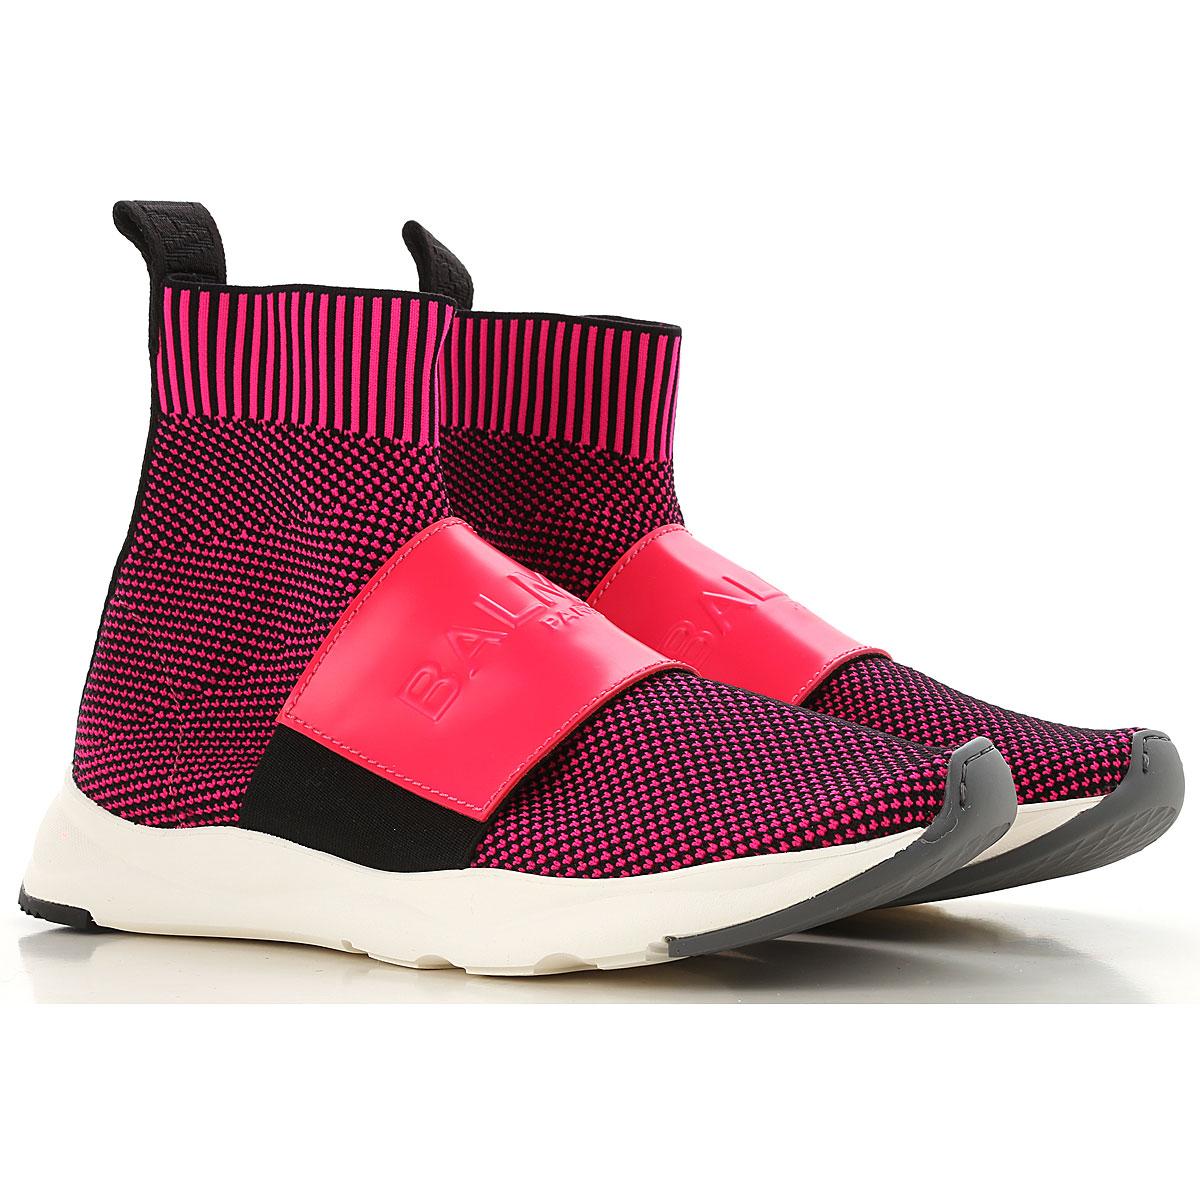 Image of Balmain Slip on Sneakers for Women, Black, Knitted, 2017, 6 7 8 9